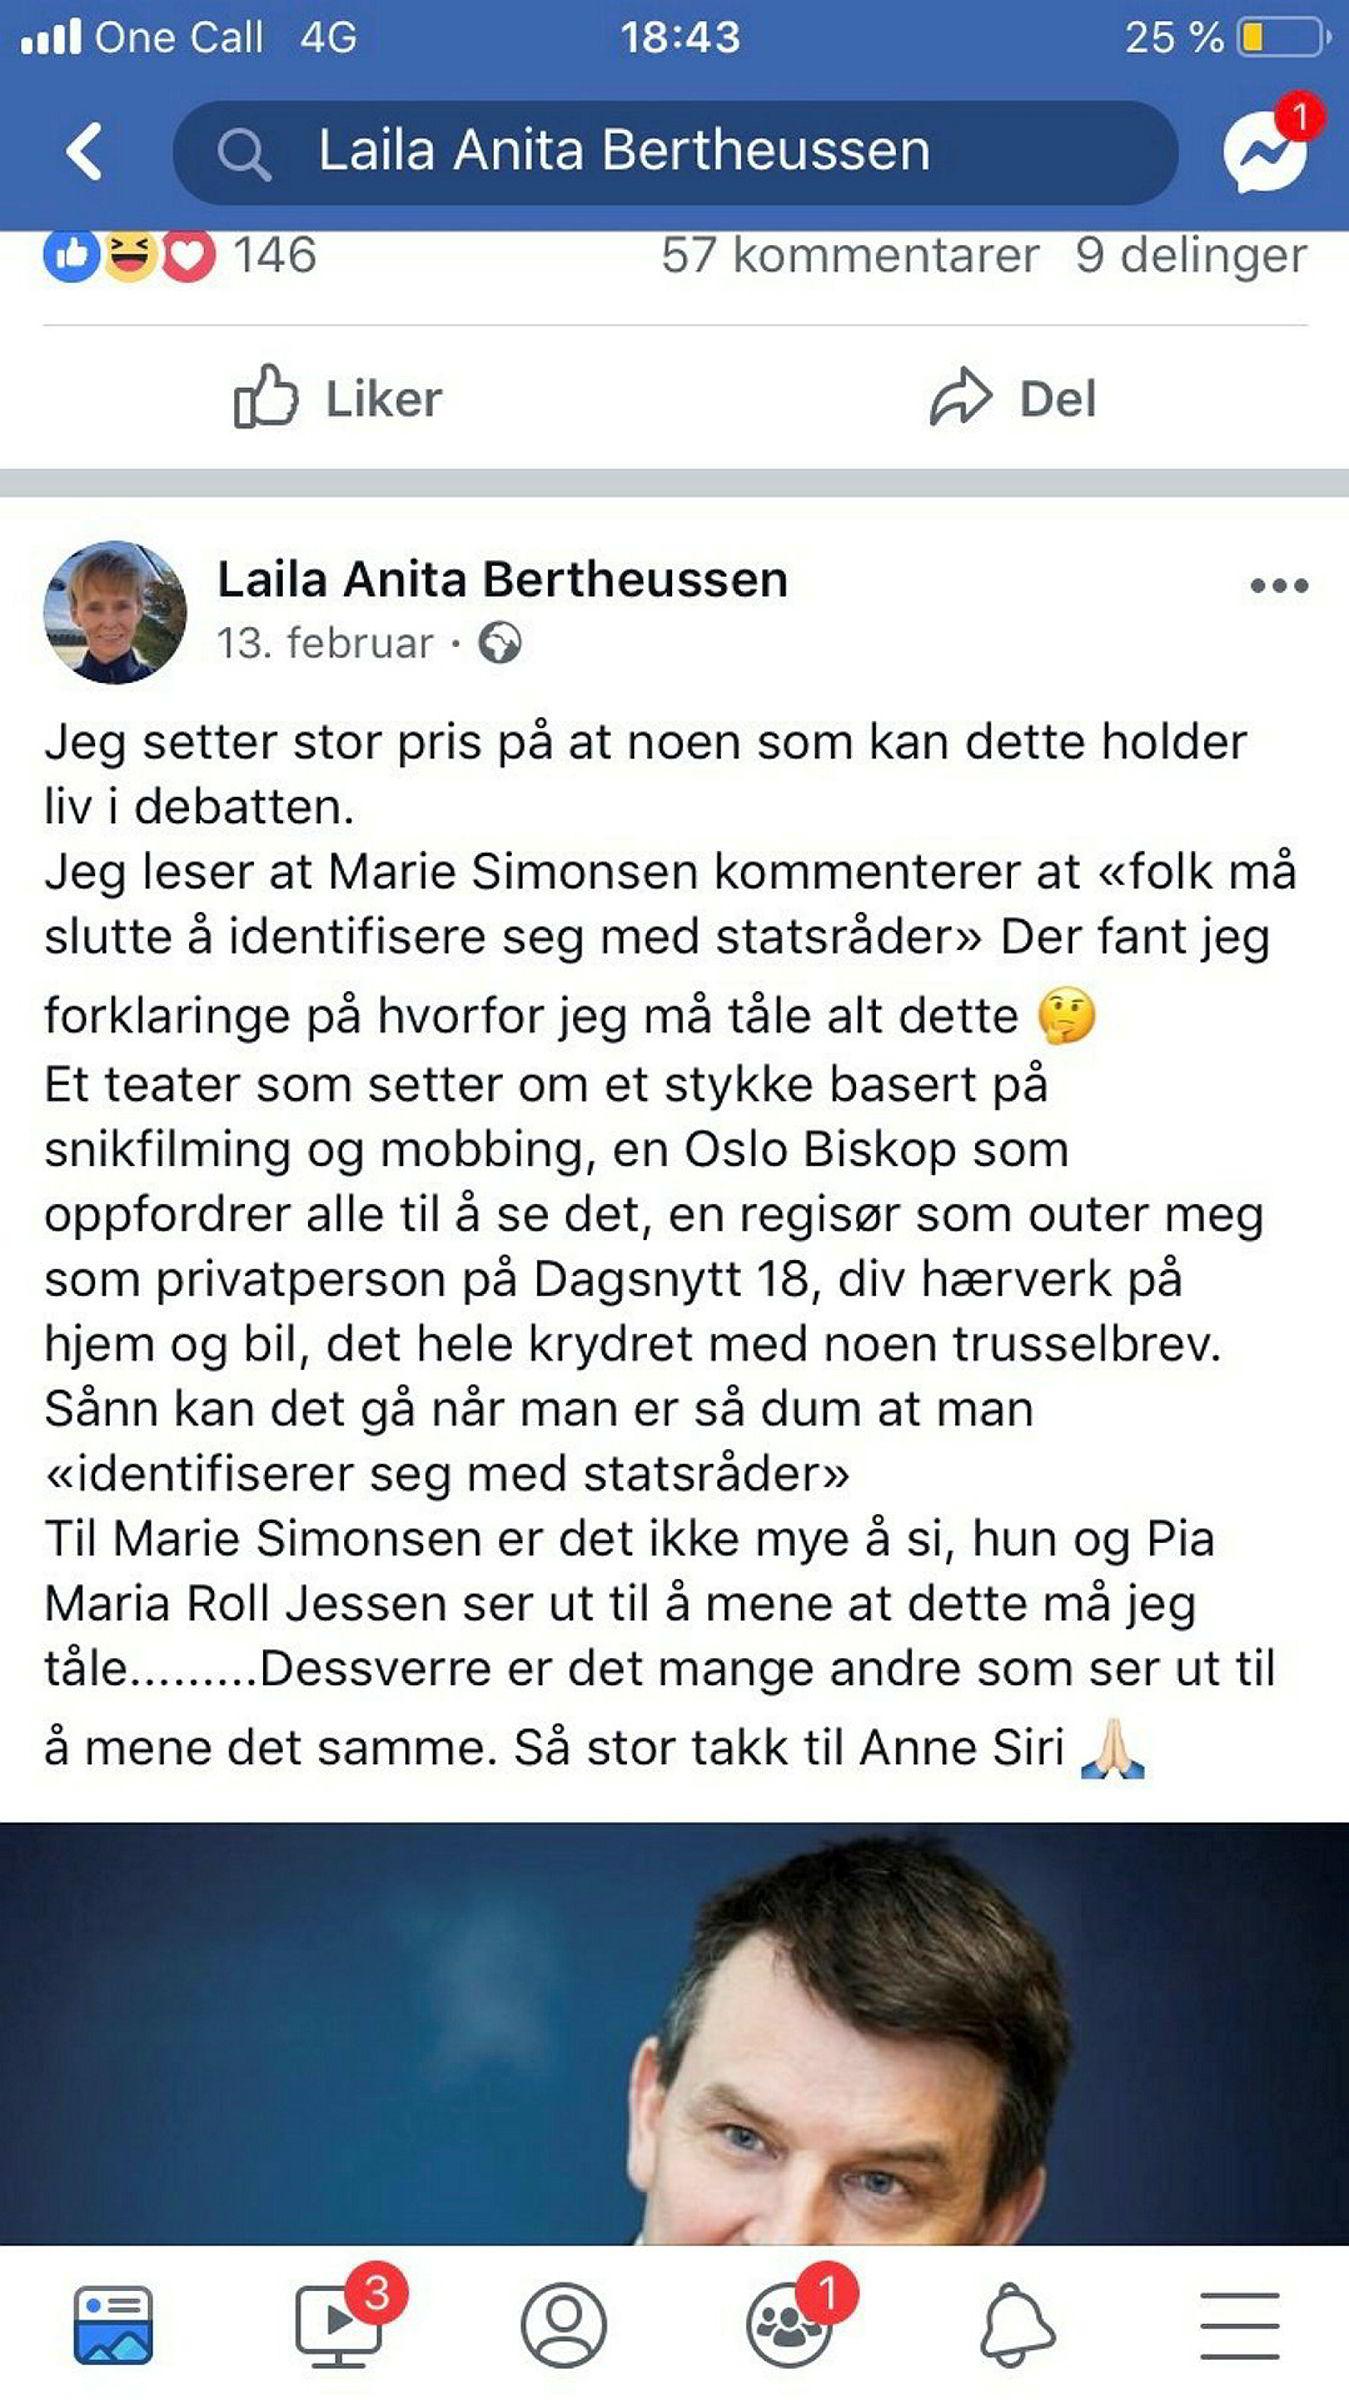 Dette delte Laila Anita Bertheussen på sin Facebook-profil 13. februar 2019. Innlegget ble torsdag kveld slettet.